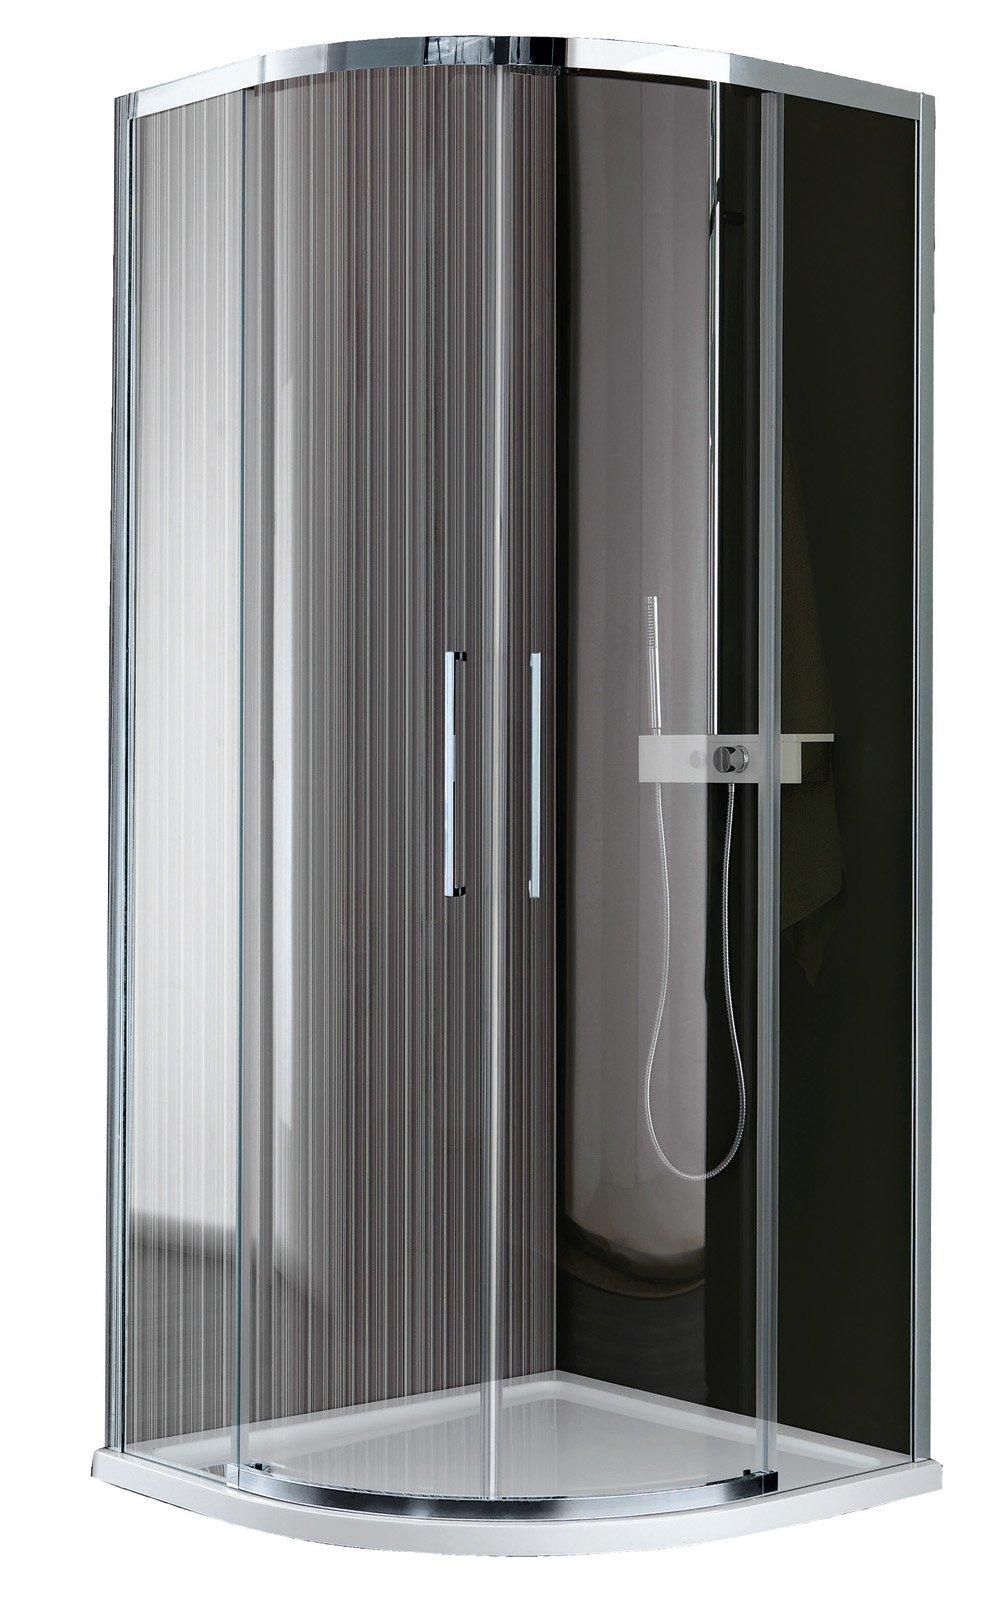 Soluzioni per il bagno piccolo cose di casa for Doccia bagno piccolo